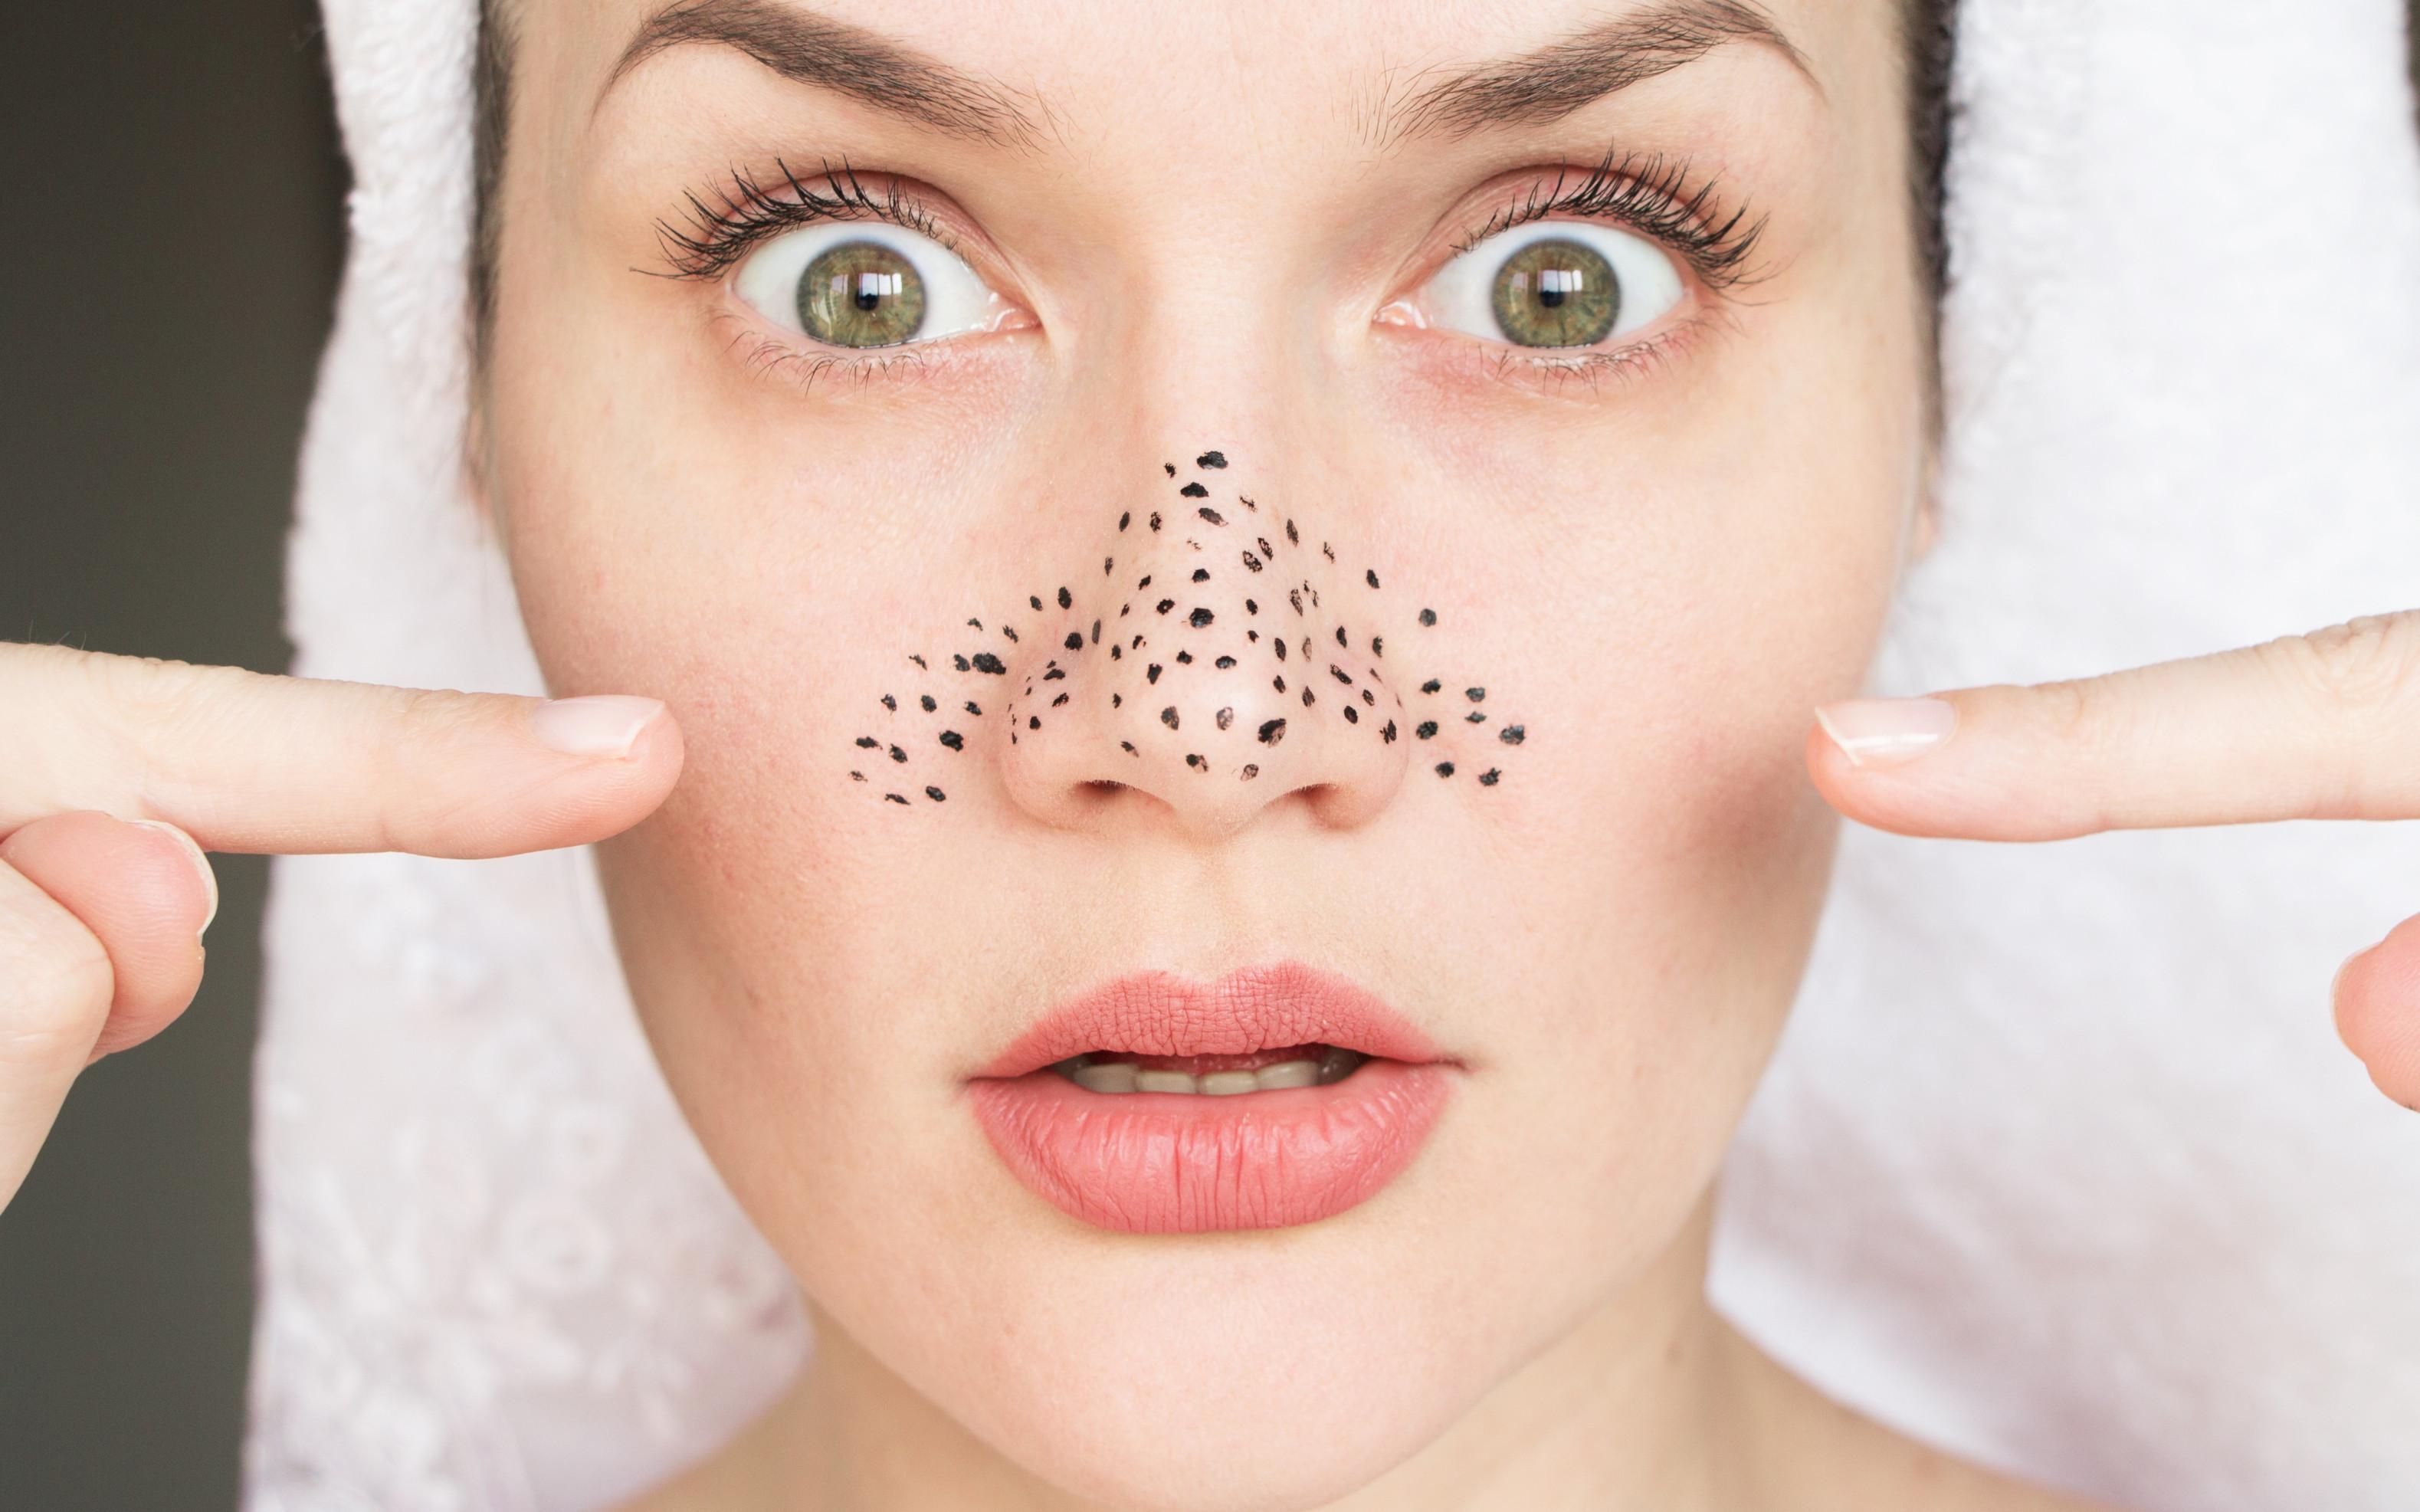 EPI Skin Irregularity Treatment